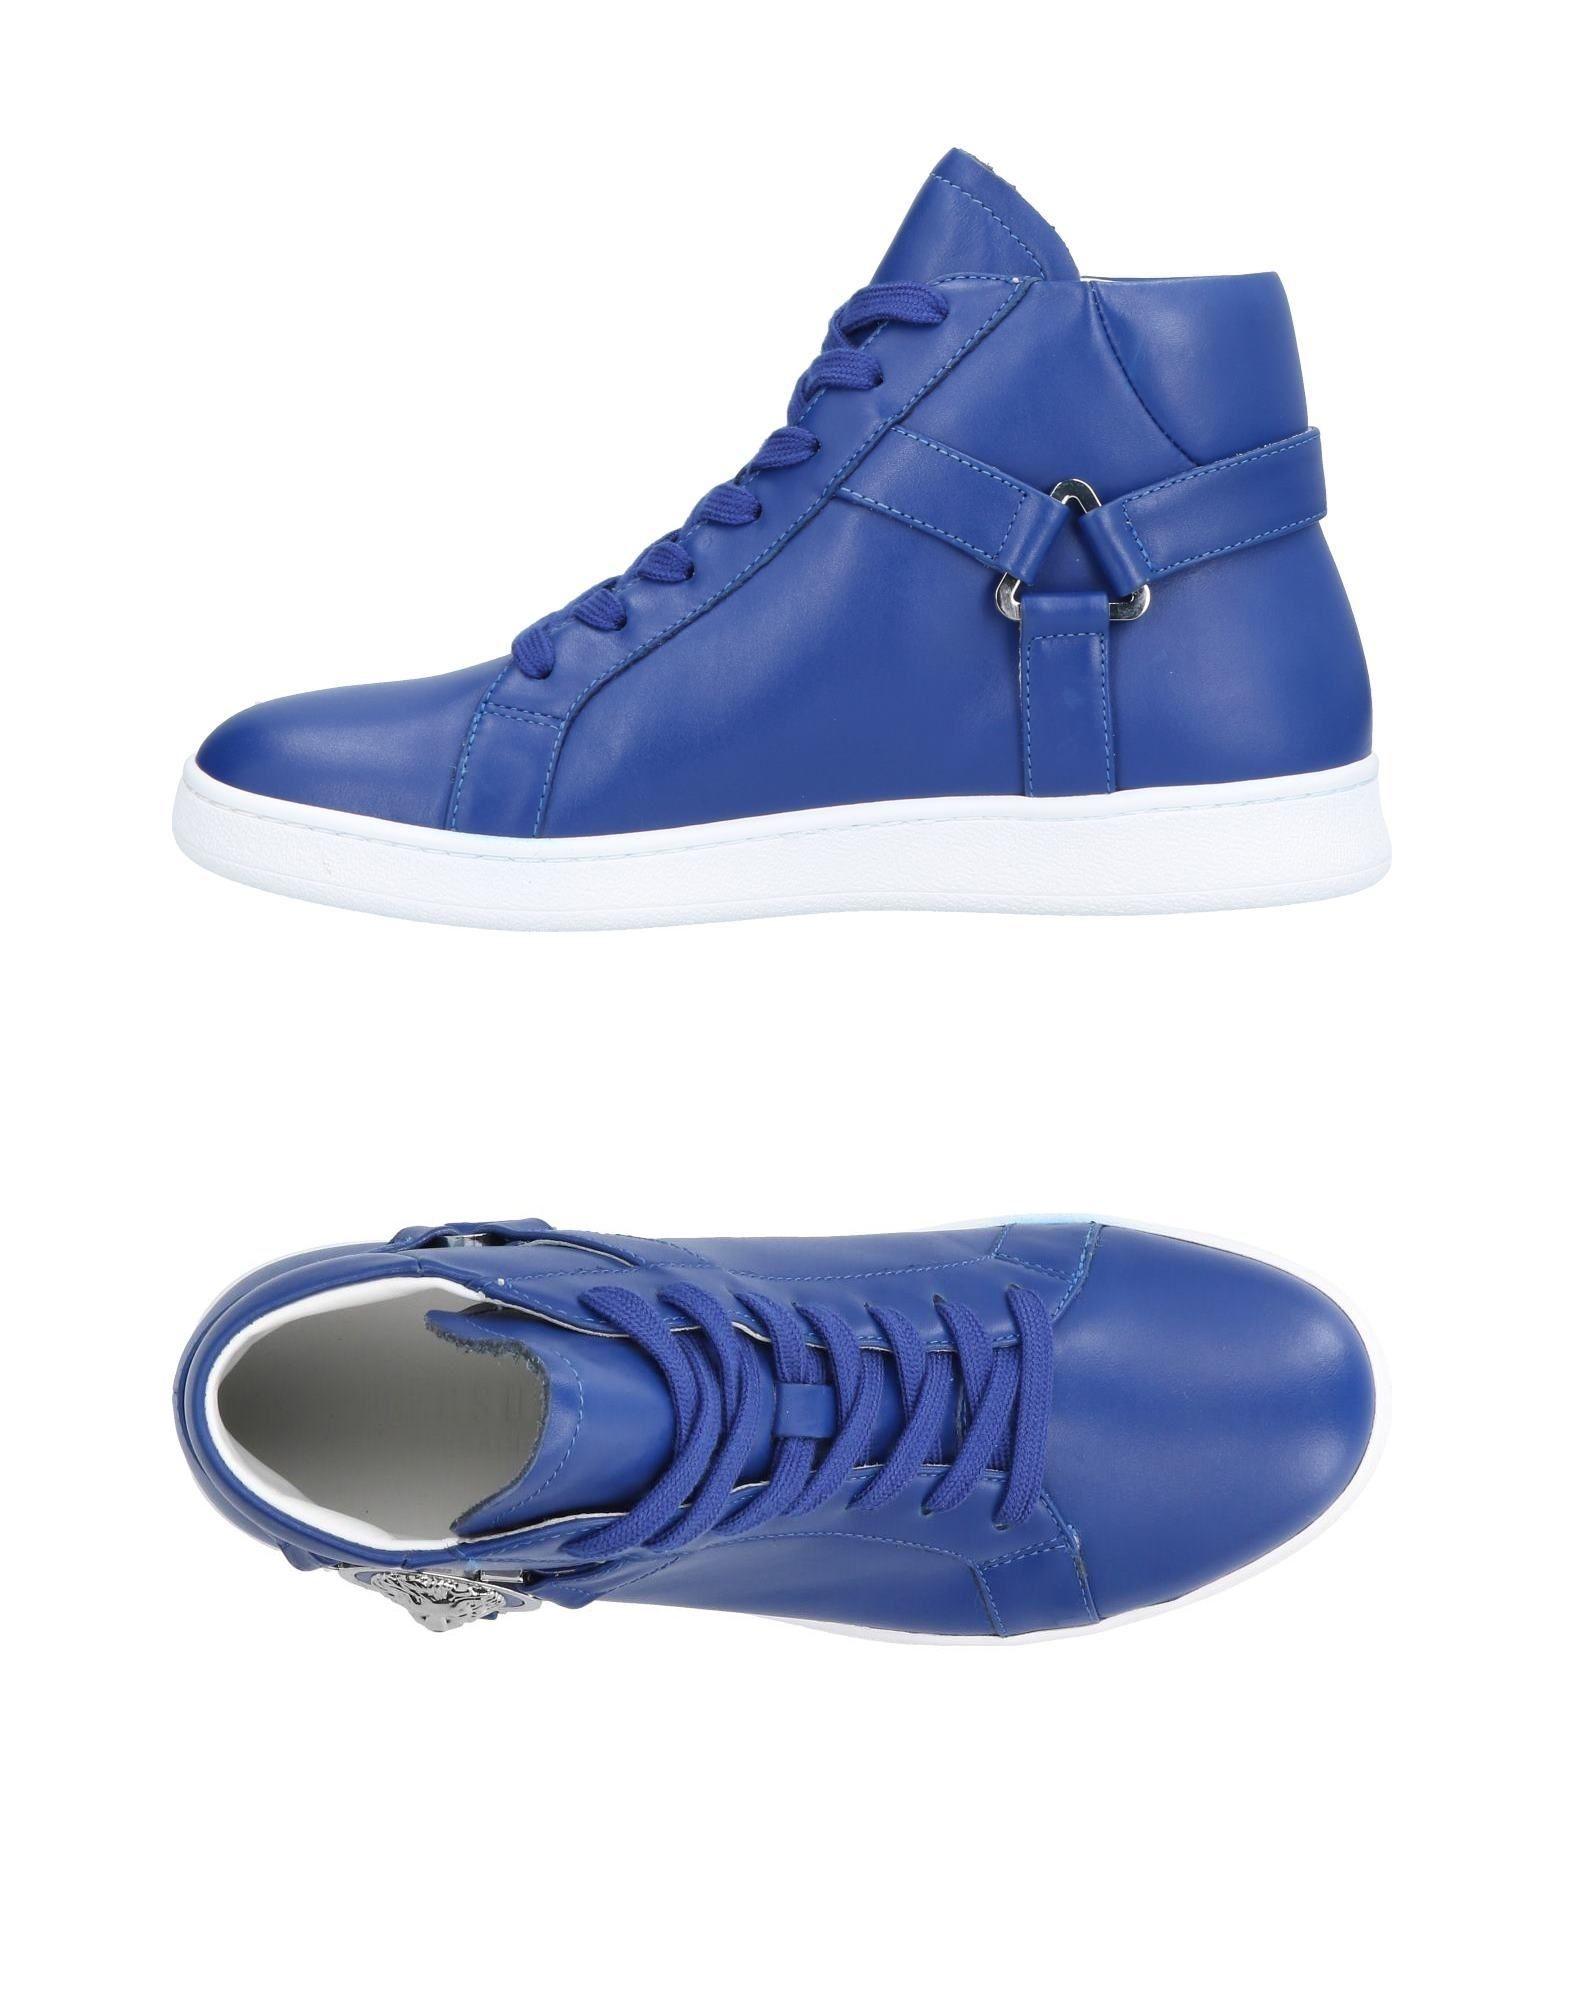 Baskets Baskets Versus Versace Femme - Baskets Baskets Versus Versace Bleu Les chaussures les plus populaires pour les hommes et les femmes a3ce85